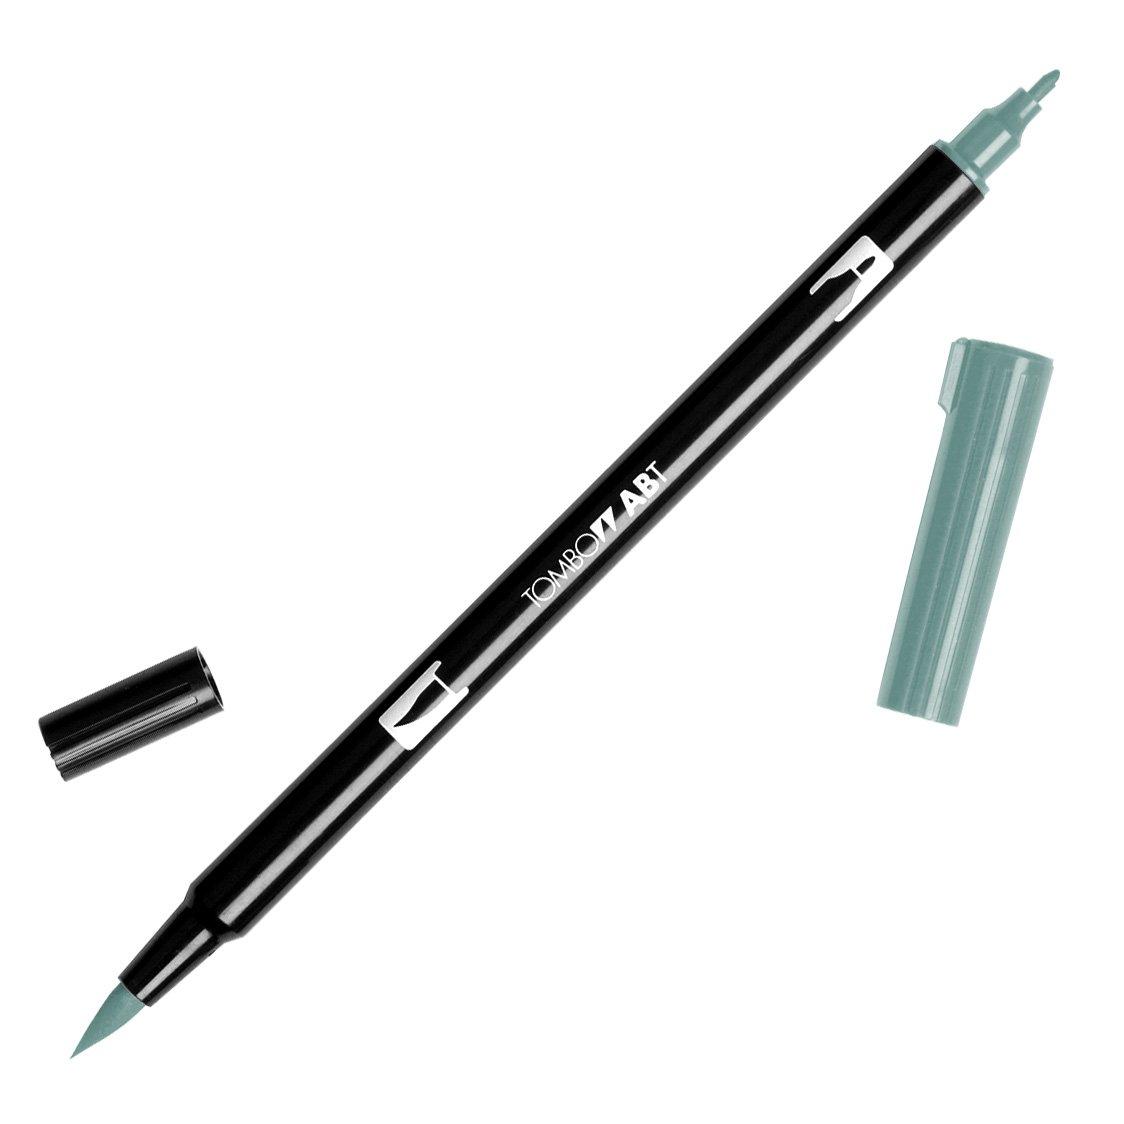 N00 Tombow Dual Brush Pen Art Marker 1-Pack Colorless Blender